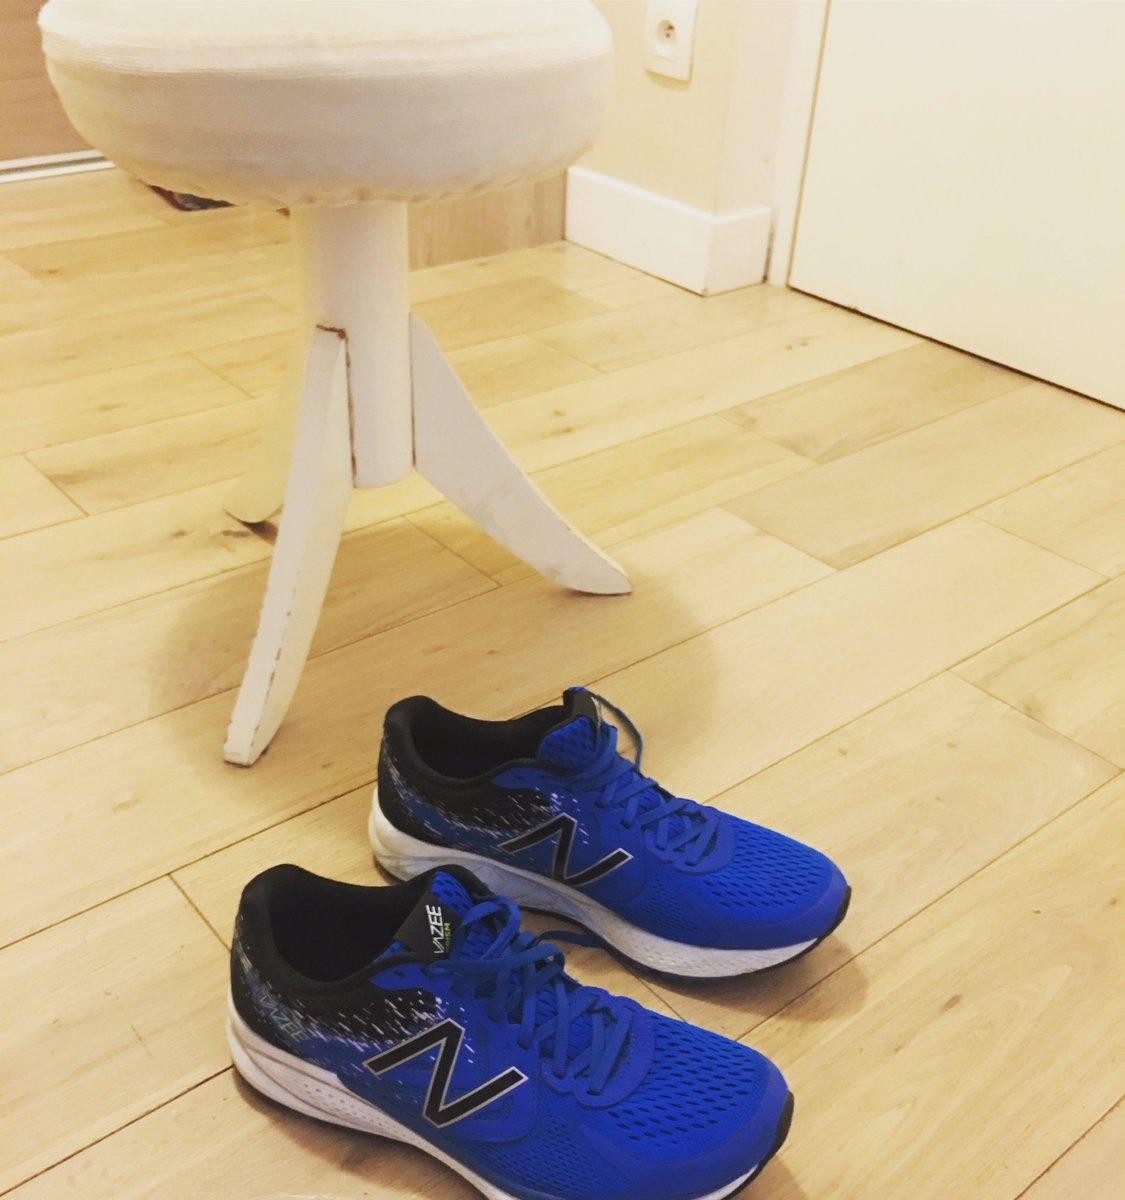 Mon avis sur Ia chaussure #VazeePrismv2!  http:// geekirc.me/2017/03/20/mon  &nbsp;  … #RUN #Running<br>http://pic.twitter.com/EieaJ7Qb7Y